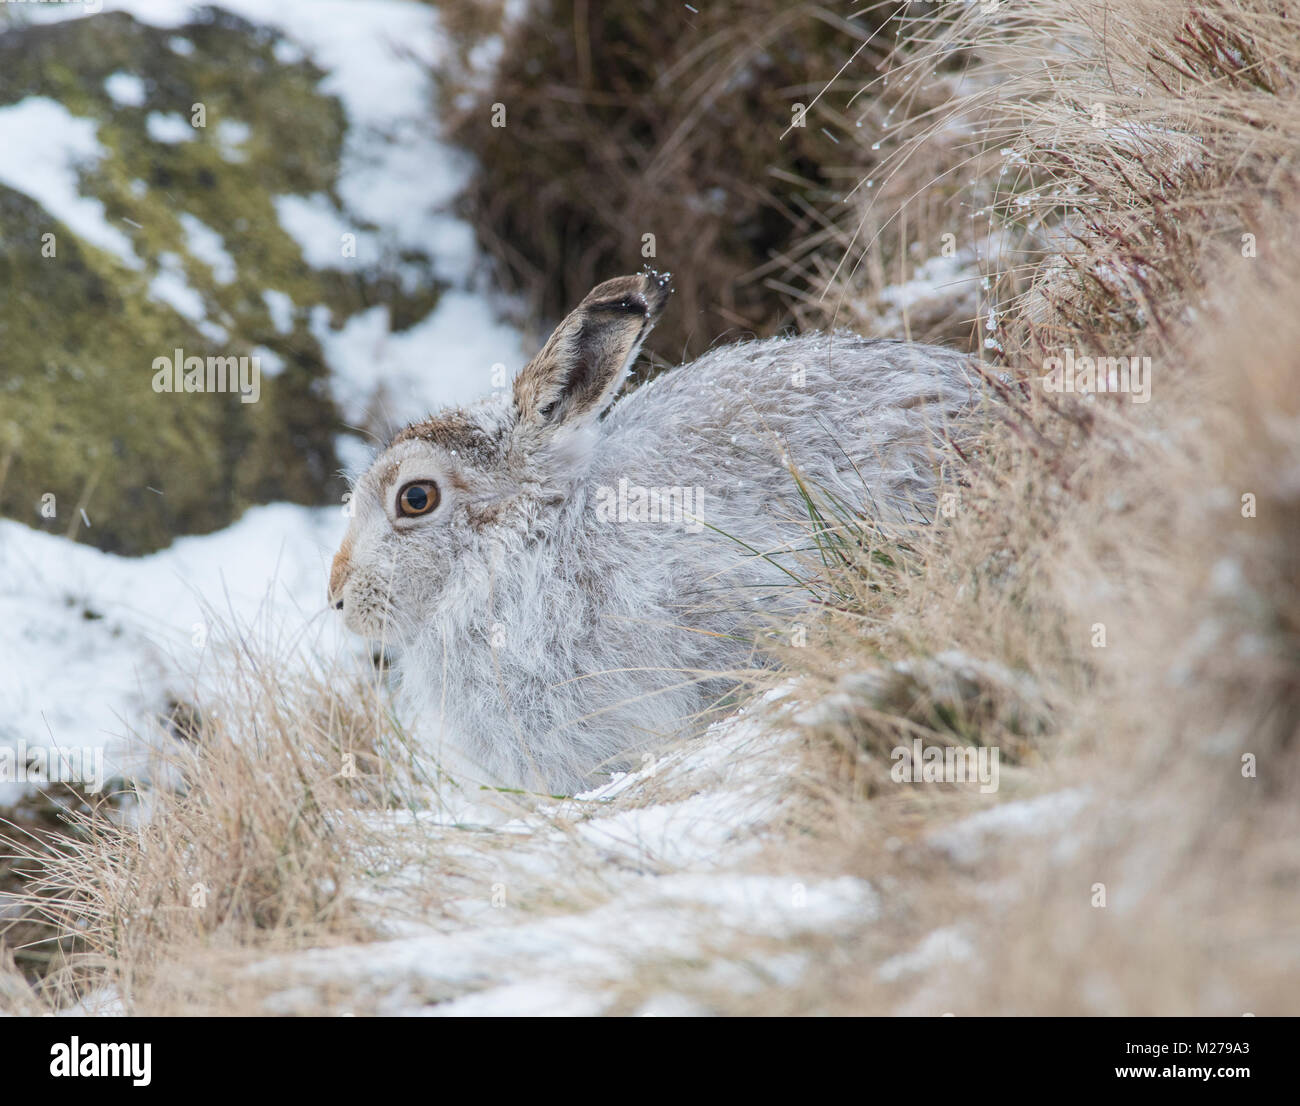 Mountain lepre Lepus timidus nel loro bianco cappotto invernale in inverno con un sfondo innevato sull'altopiano Immagini Stock